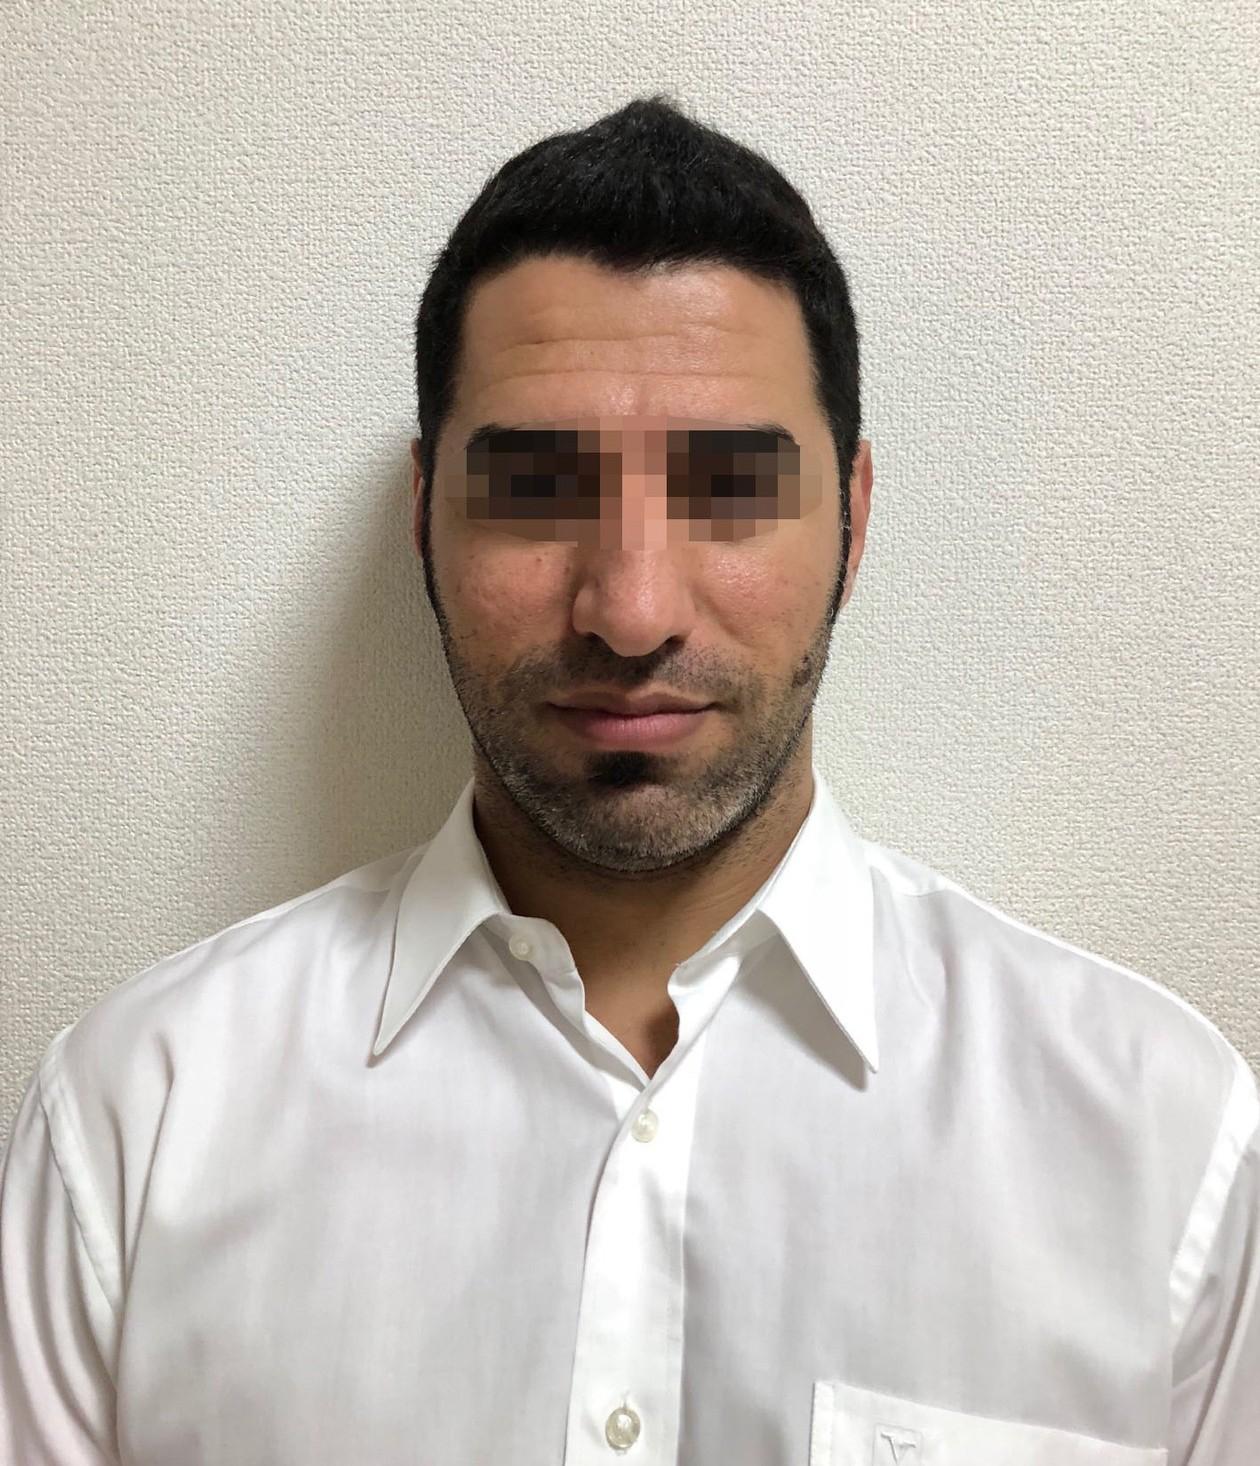 三十一歲伊拉克籍女婿Ali Hammad Jumaah,涉嫌殺害七旬岳父、岳母。...